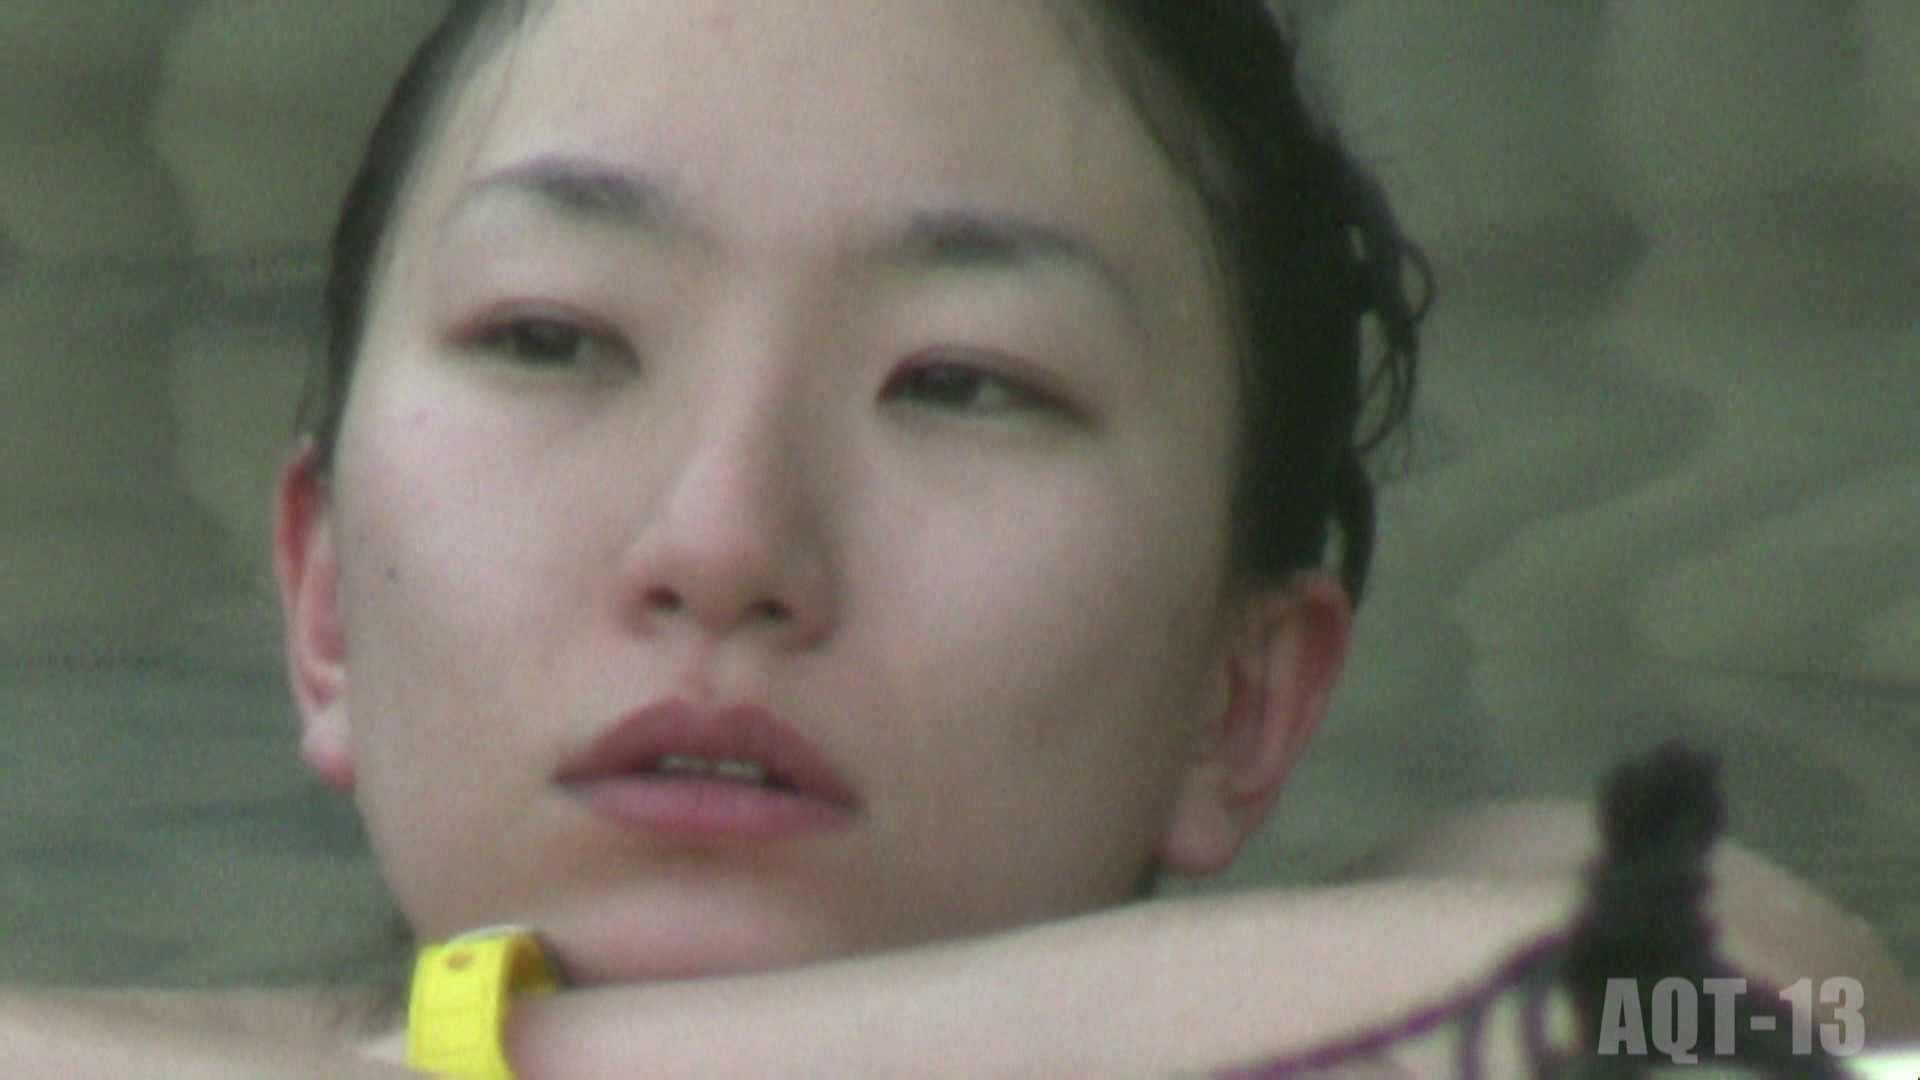 Aquaな露天風呂Vol.818 盗撮 オメコ動画キャプチャ 88画像 86